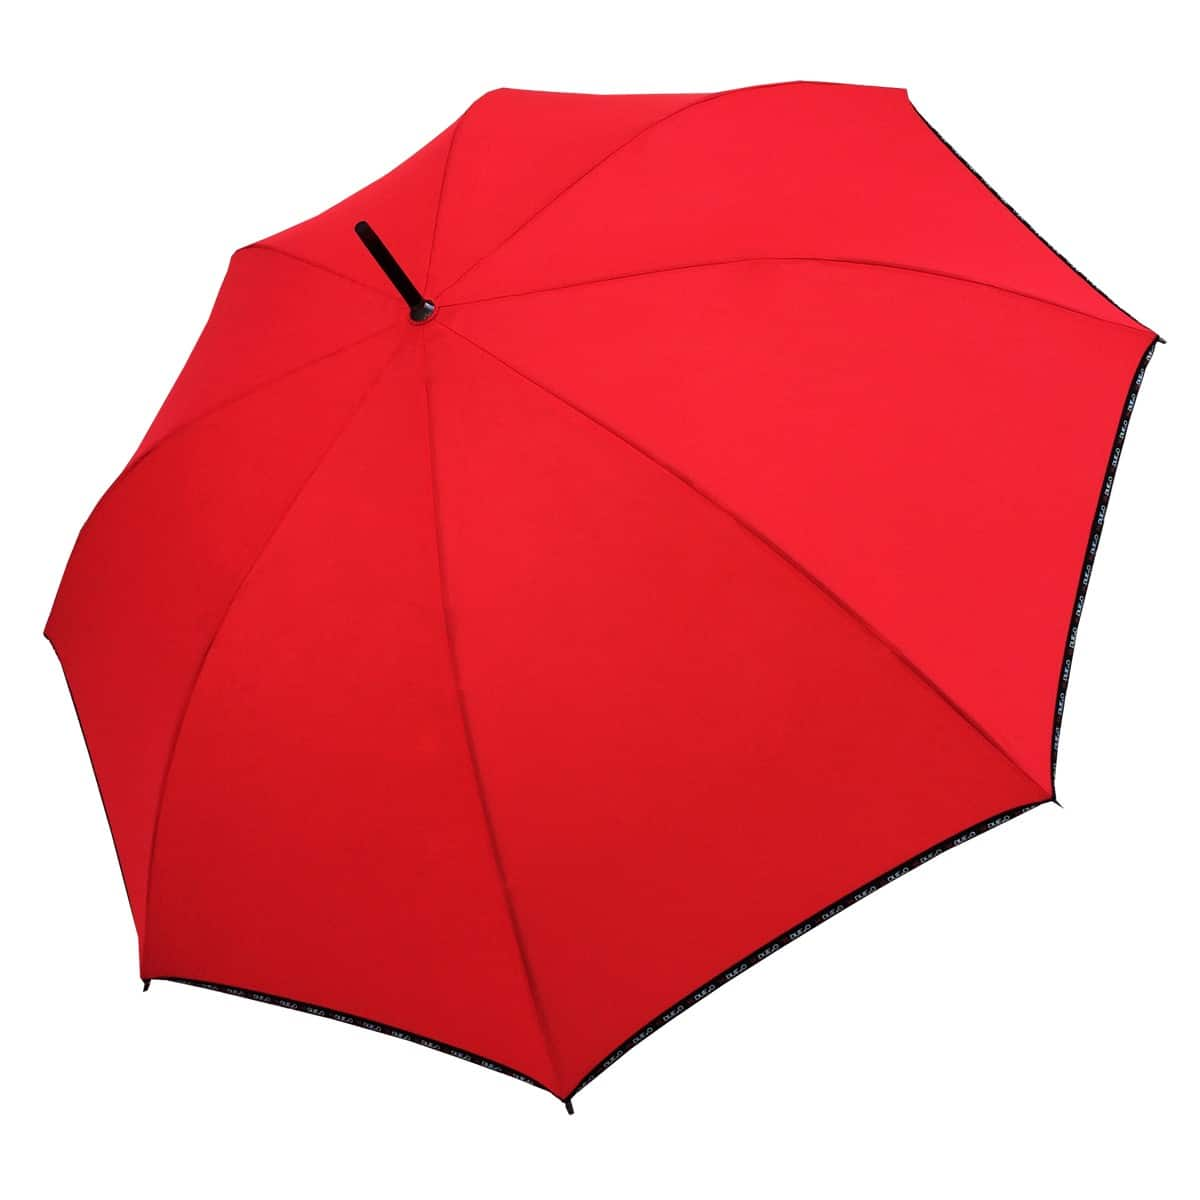 Ombrello H-400 rosso aperto - H.2.O